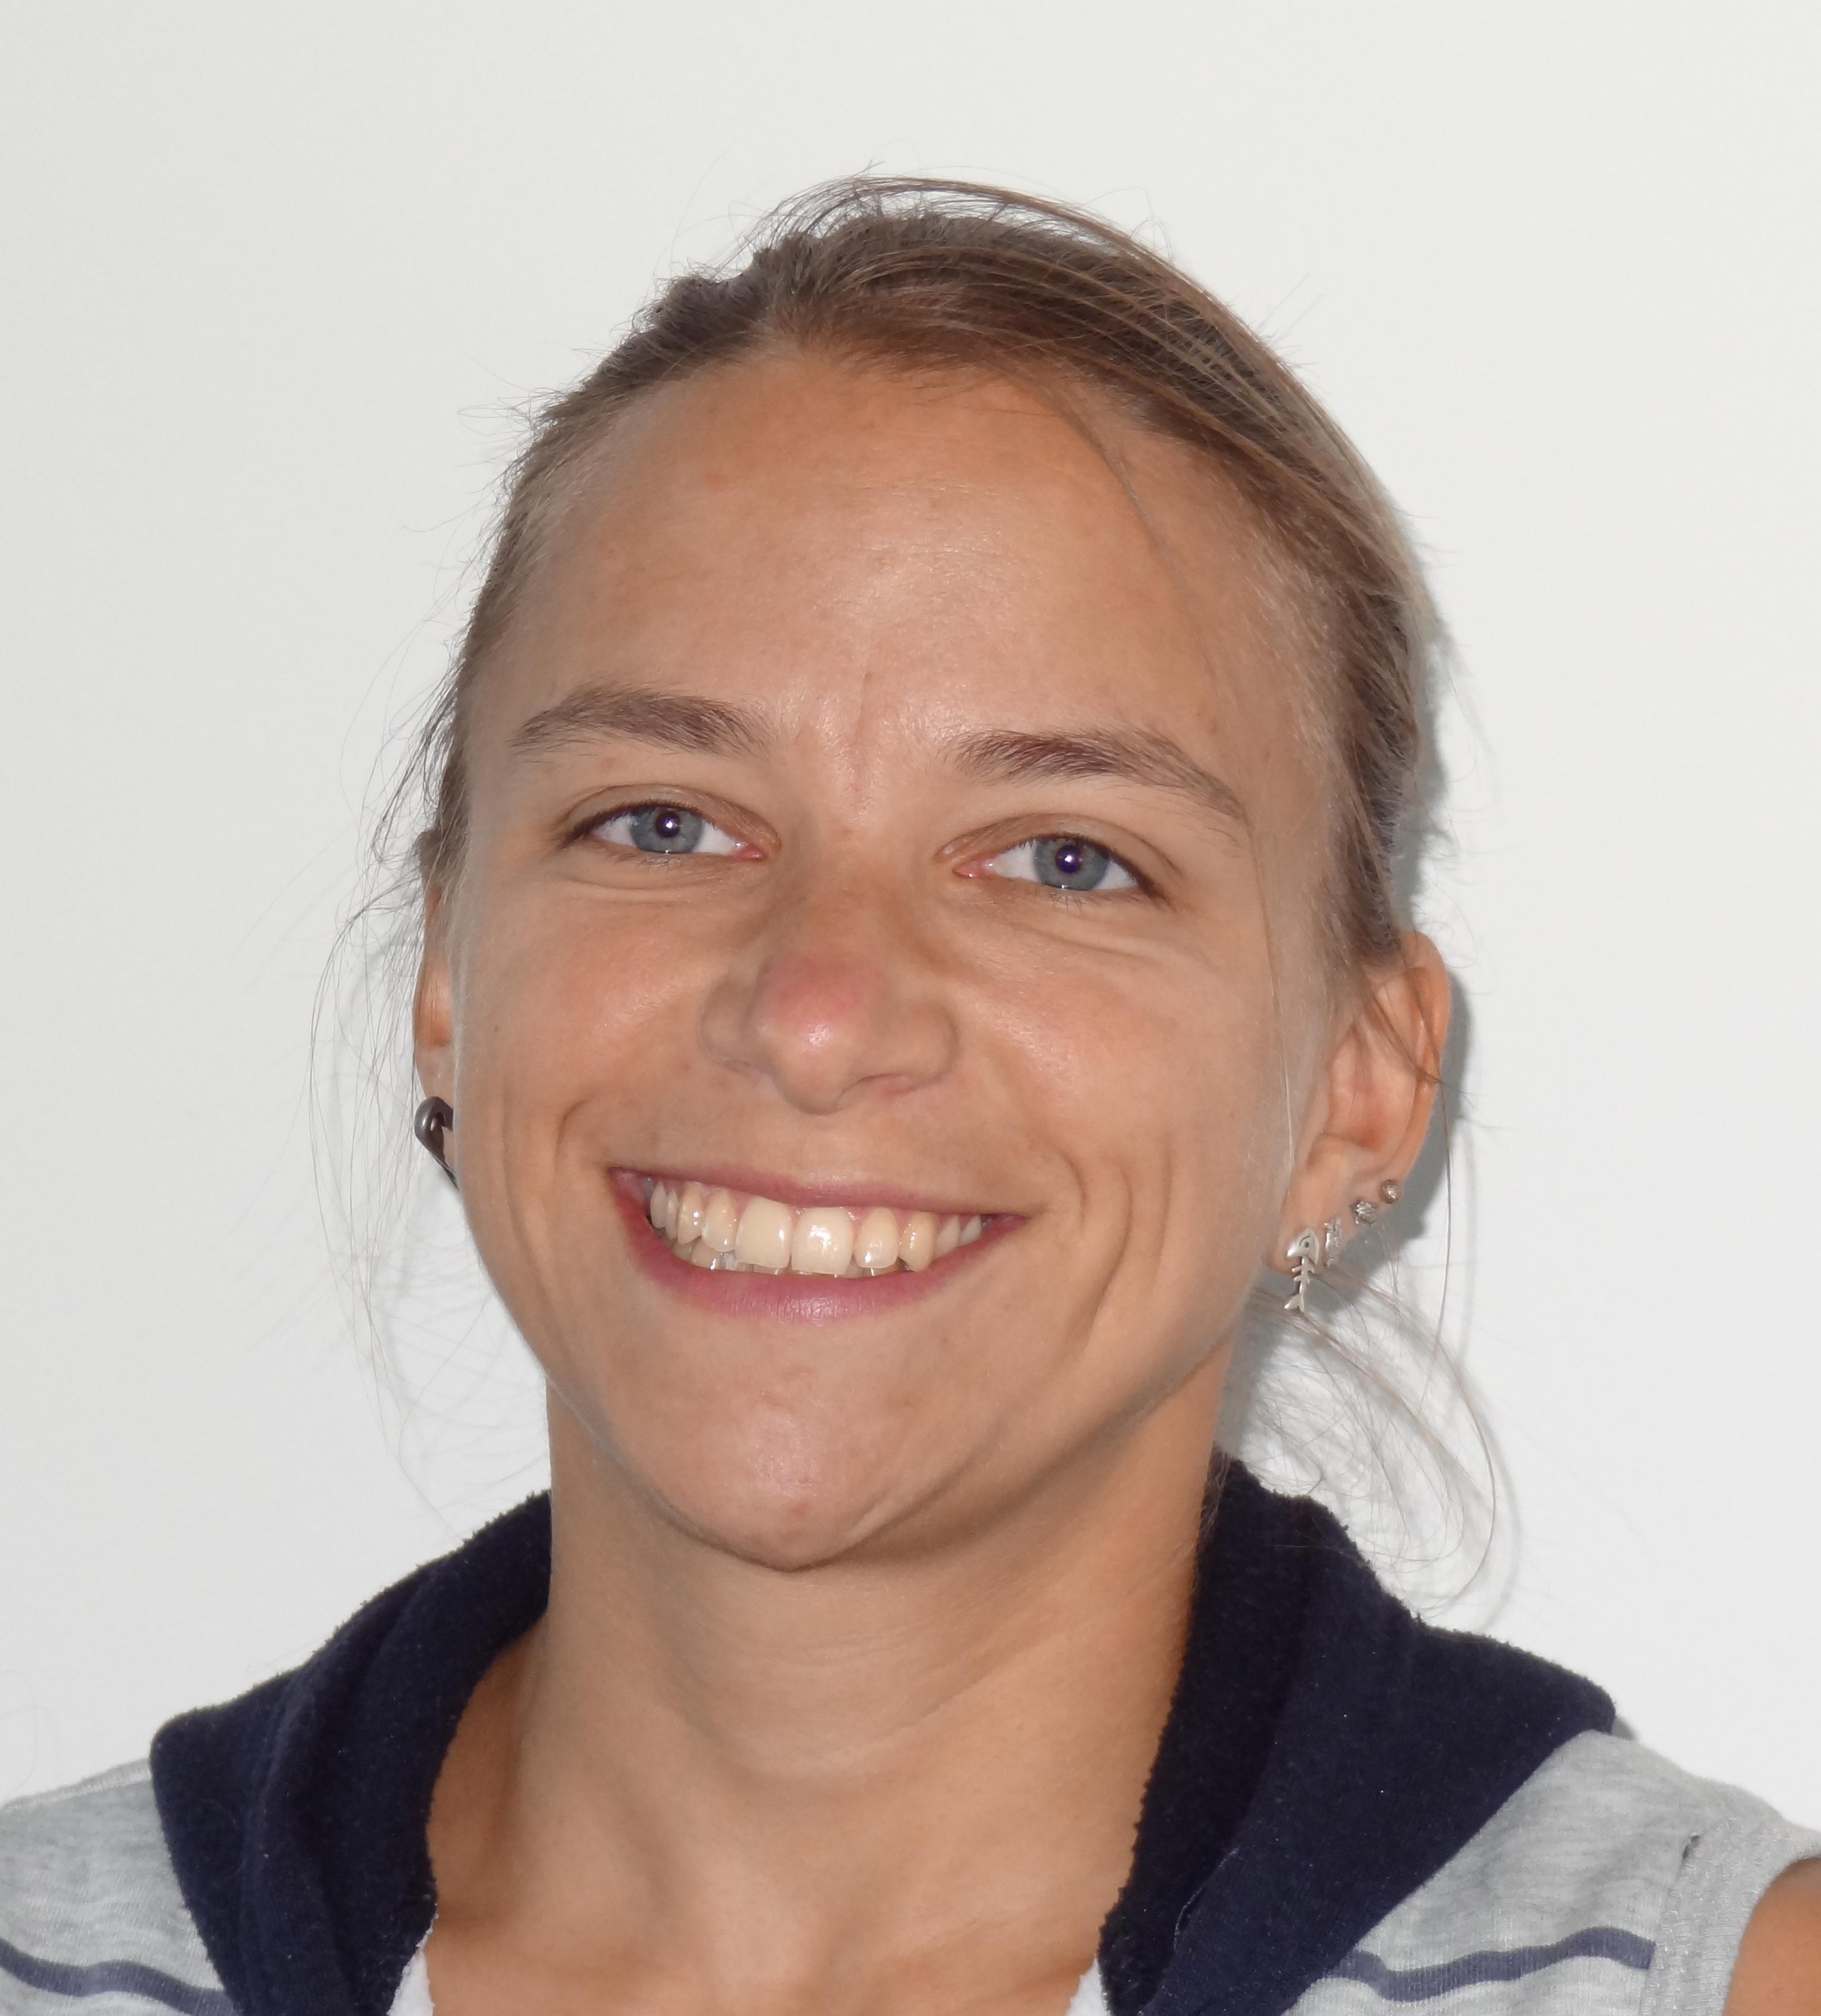 Dorothea Macholdt